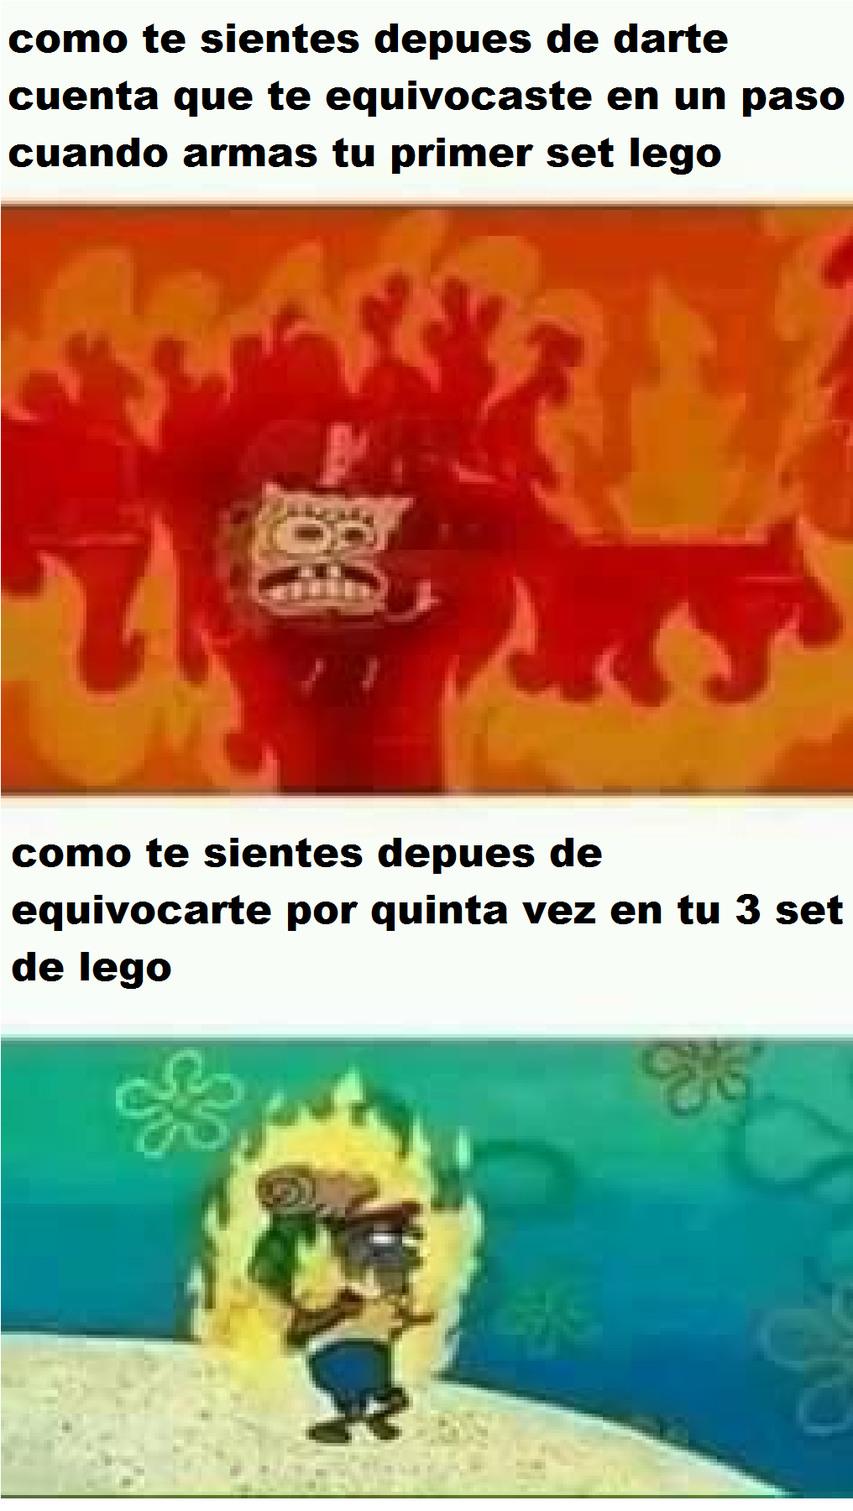 legos - meme